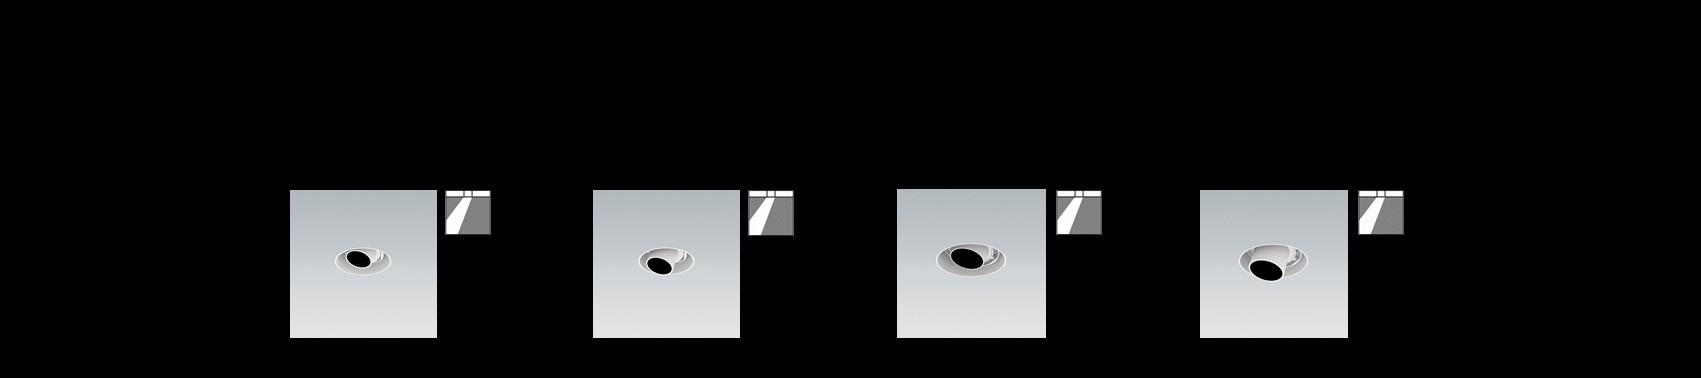 31.afb-header-lucent-lighting-axis-trimless-zwart-website